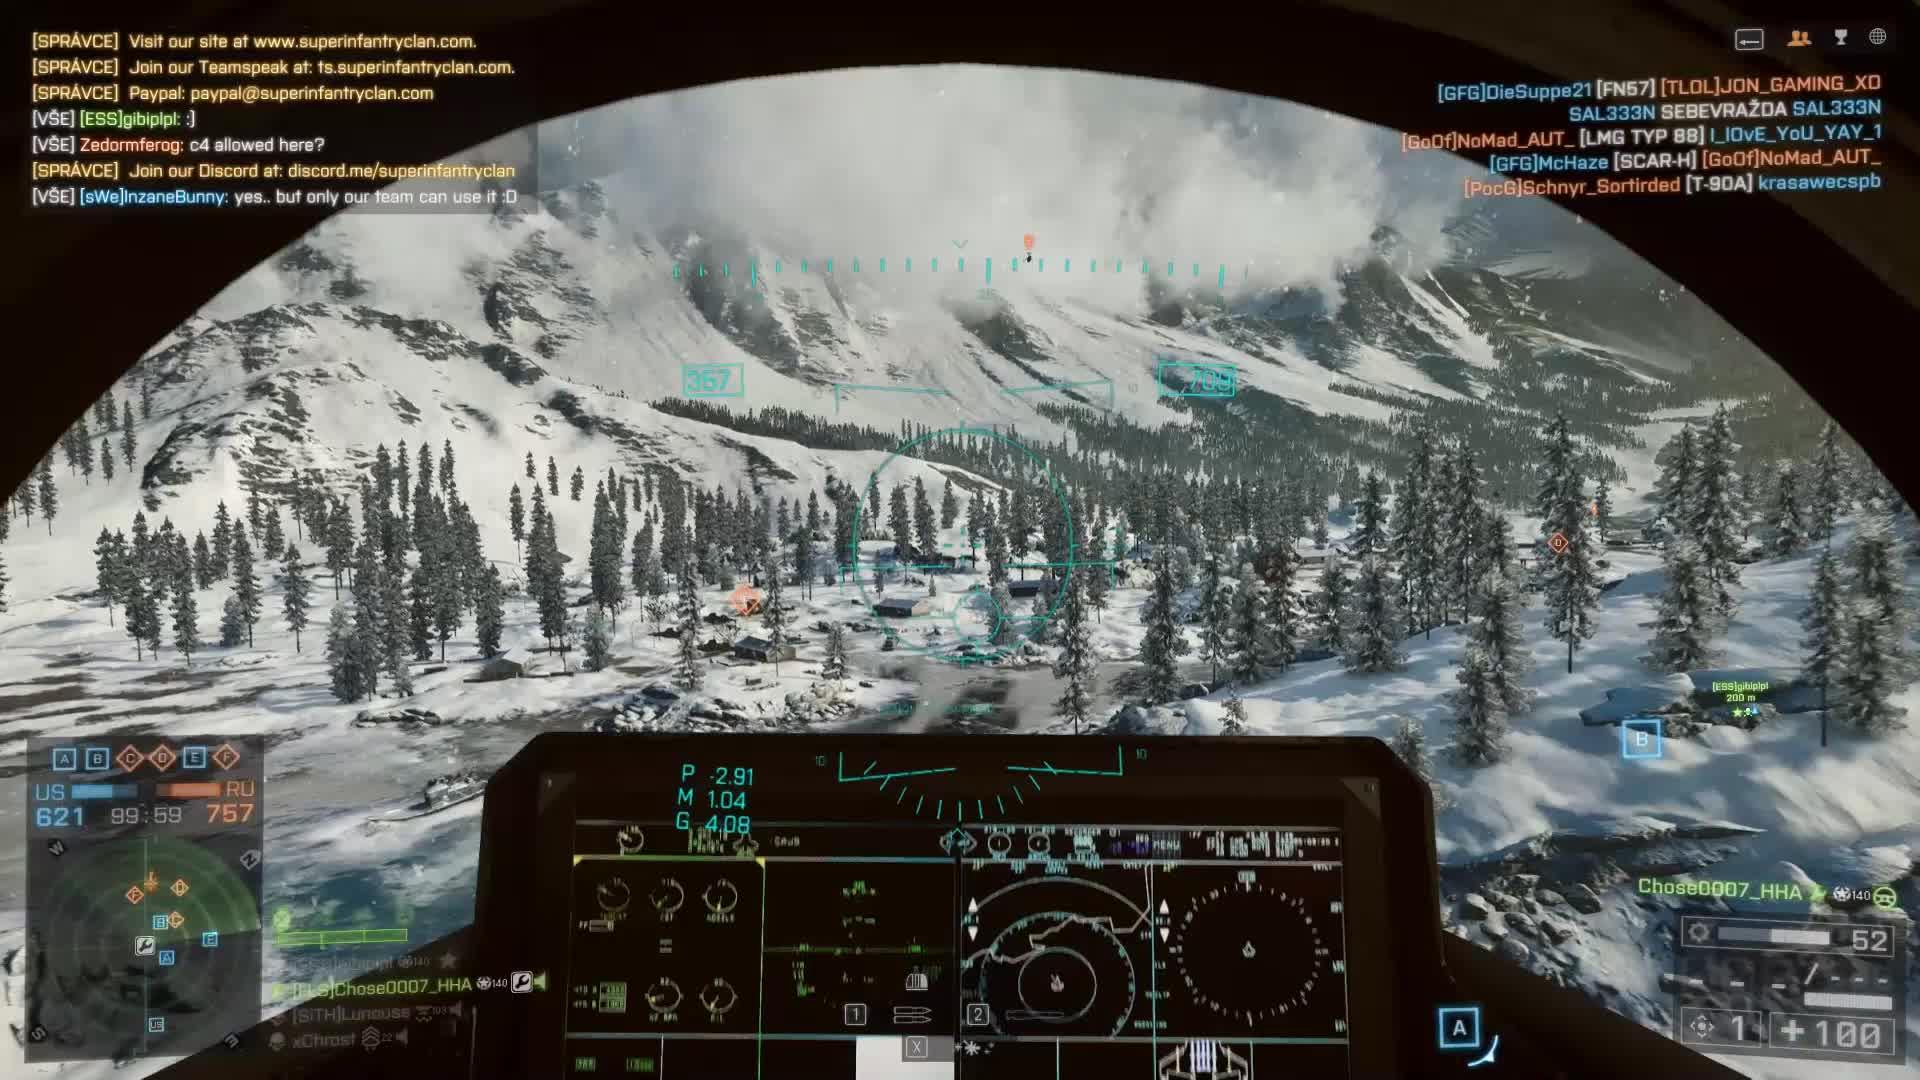 battlefield4, Battlefield 4 2018.11.05 - 19.25.00.04 GIFs